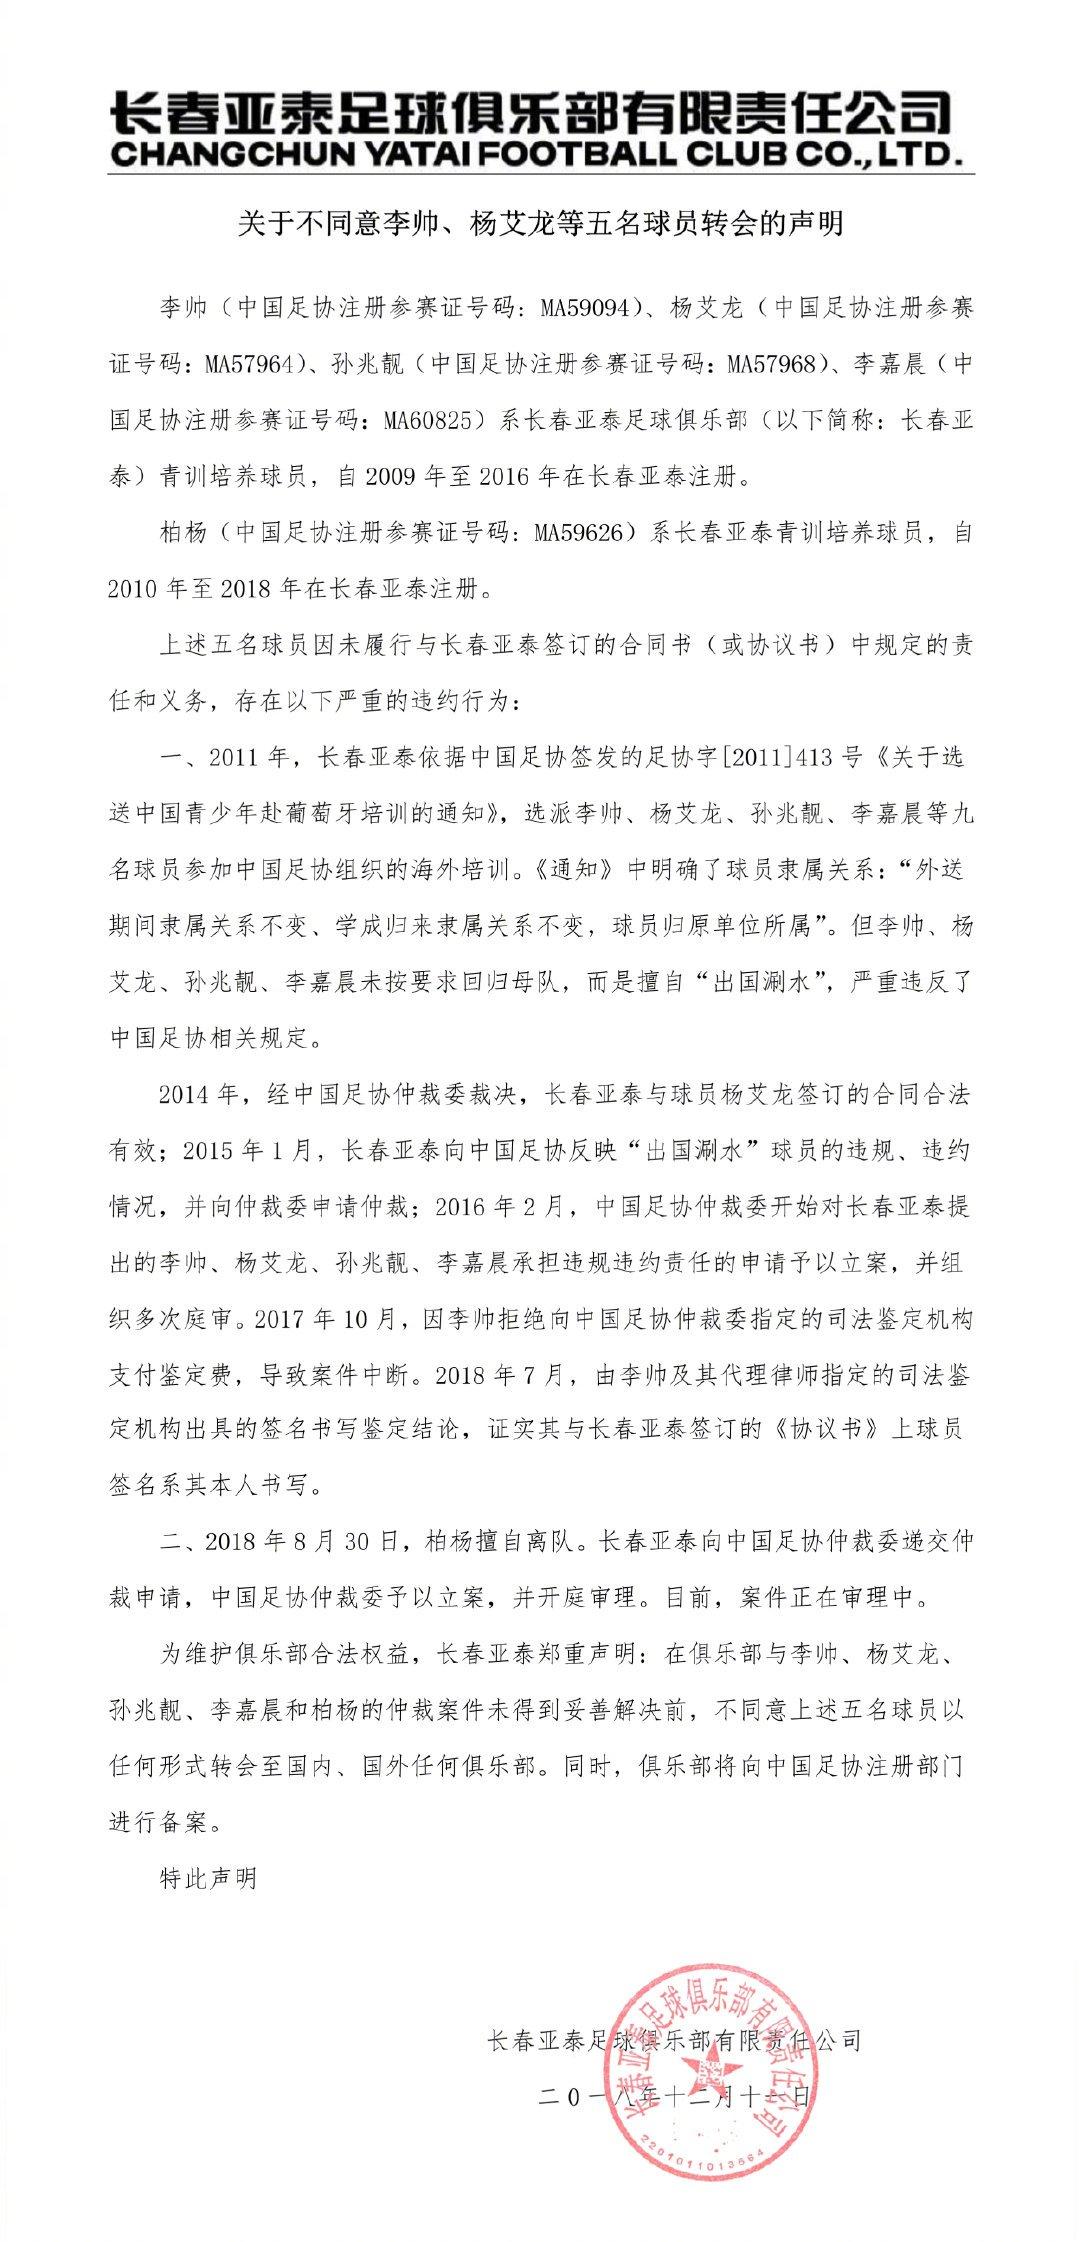 亚泰发声明不同意五名球员转会:将上报足协备案